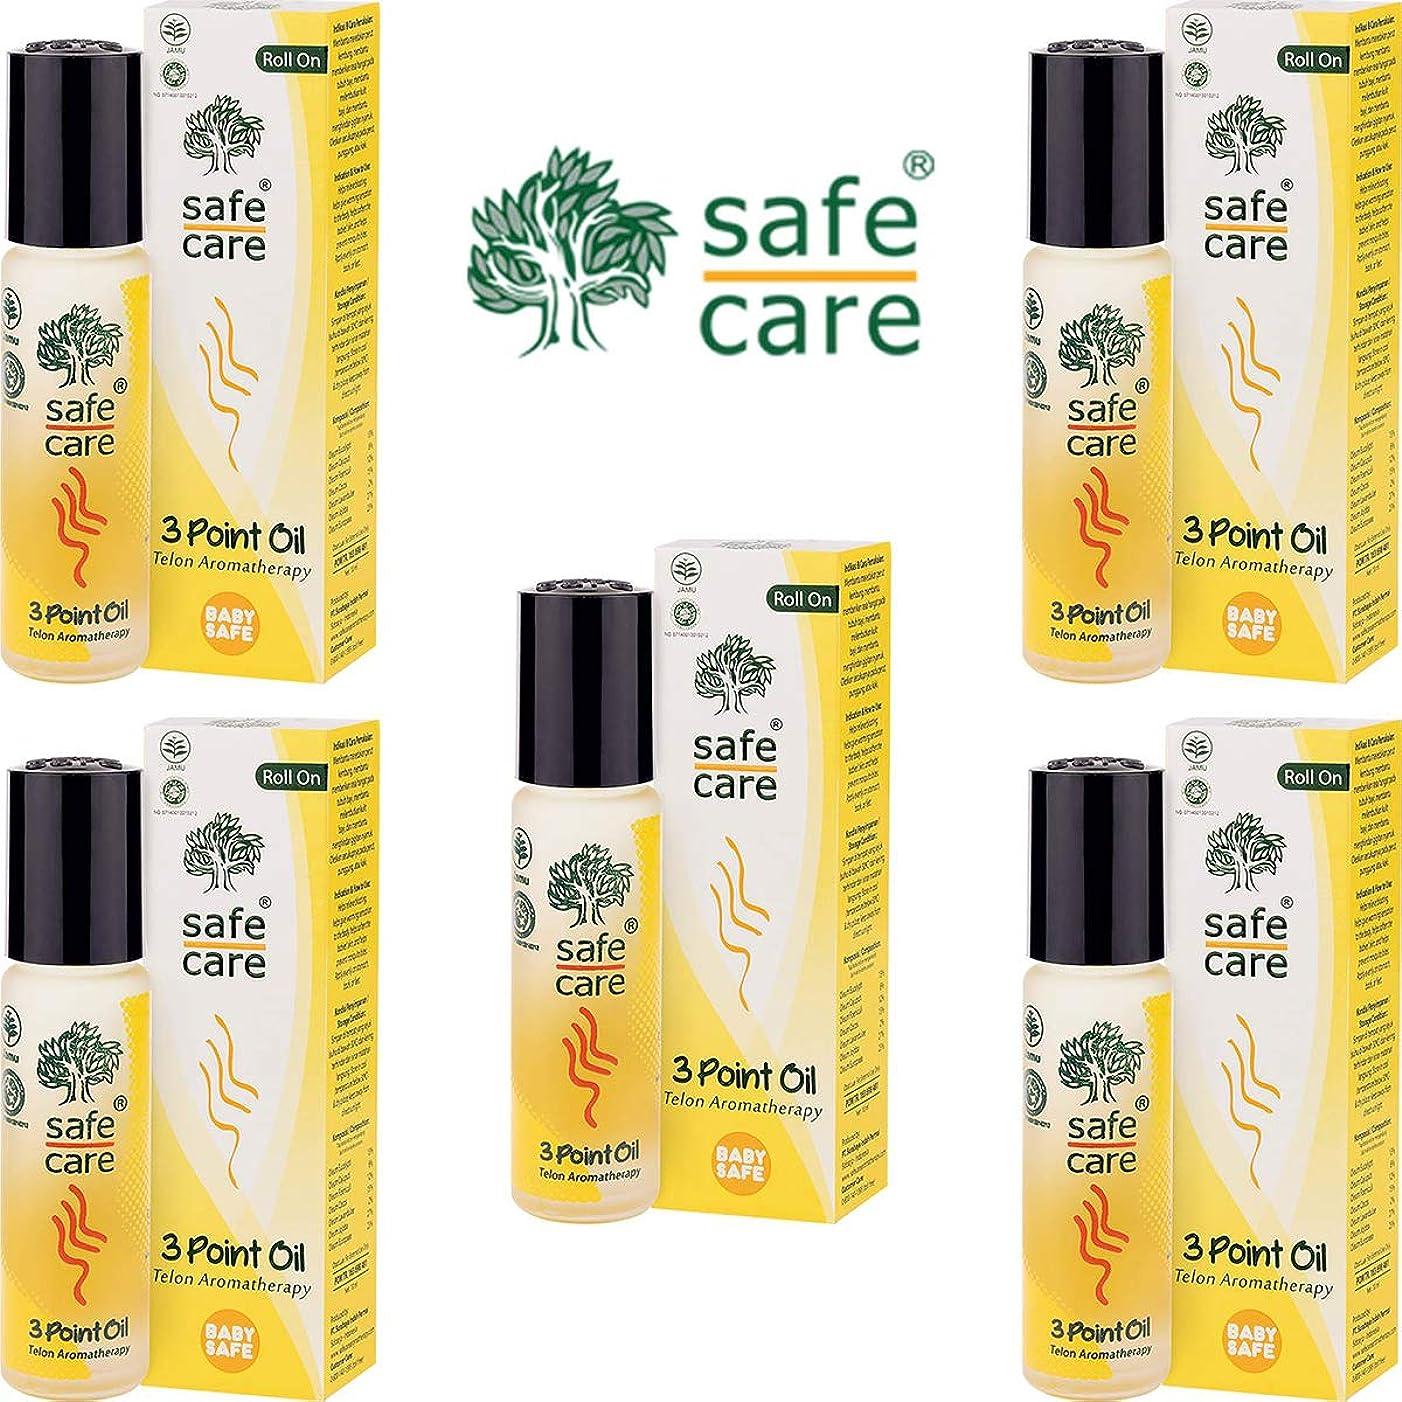 実業家前進数Safe Care セーフケア Aromatherapy Telon 3Point Oil アロマテラピー リフレッシュオイル テロン3ポイントオイル ロールオン 10ml×5本セット [海外直送品]